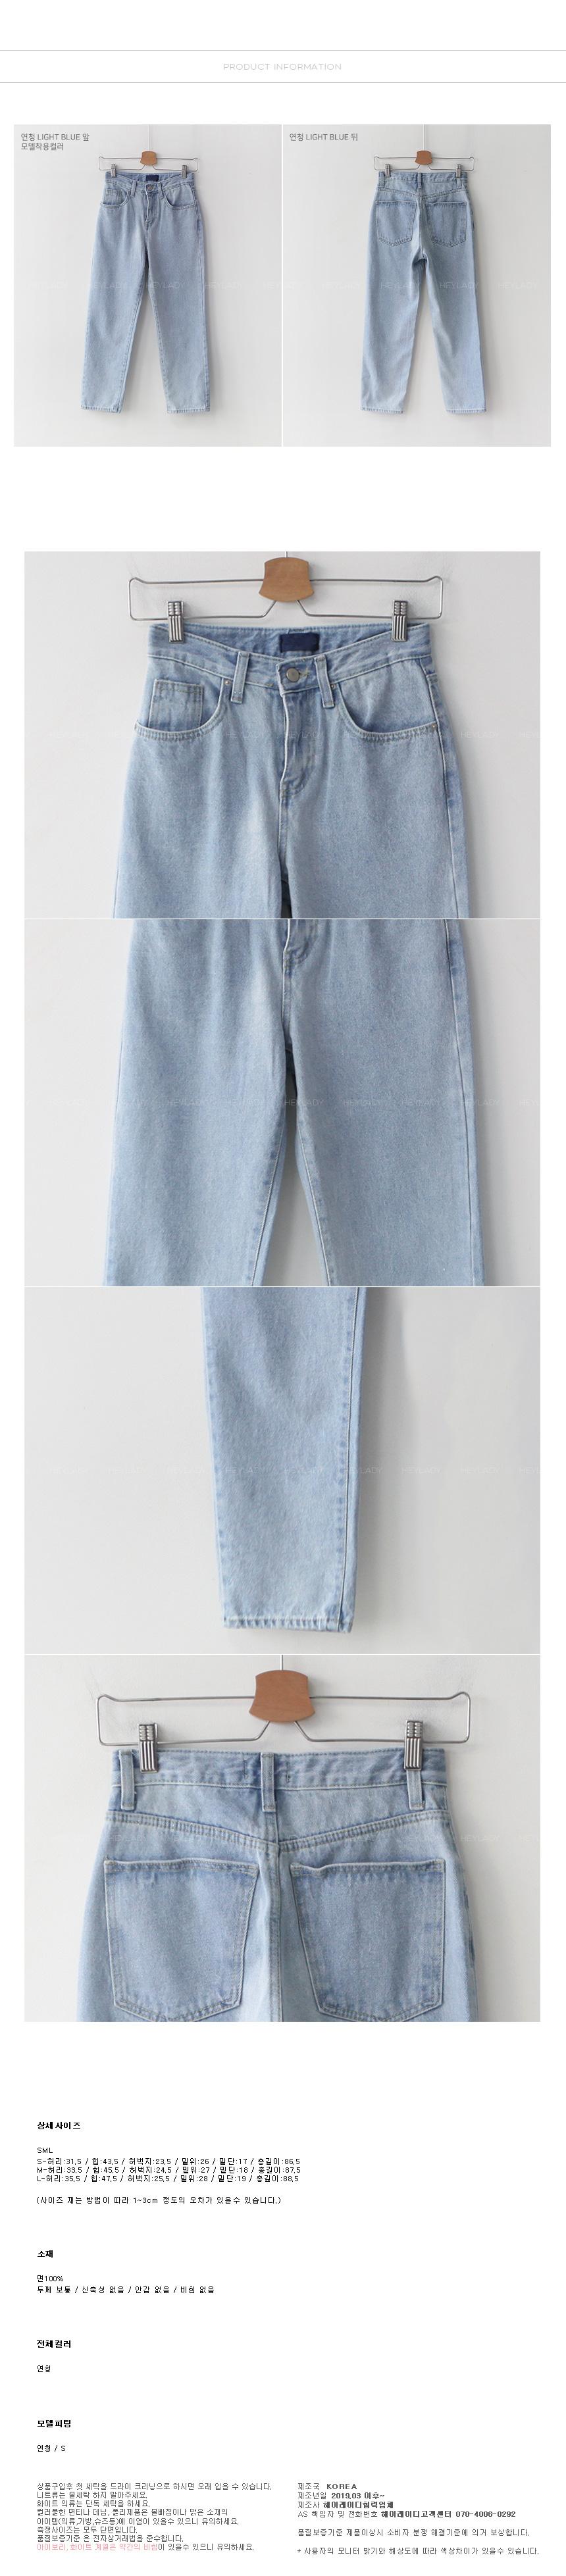 Harvard Denim Pants